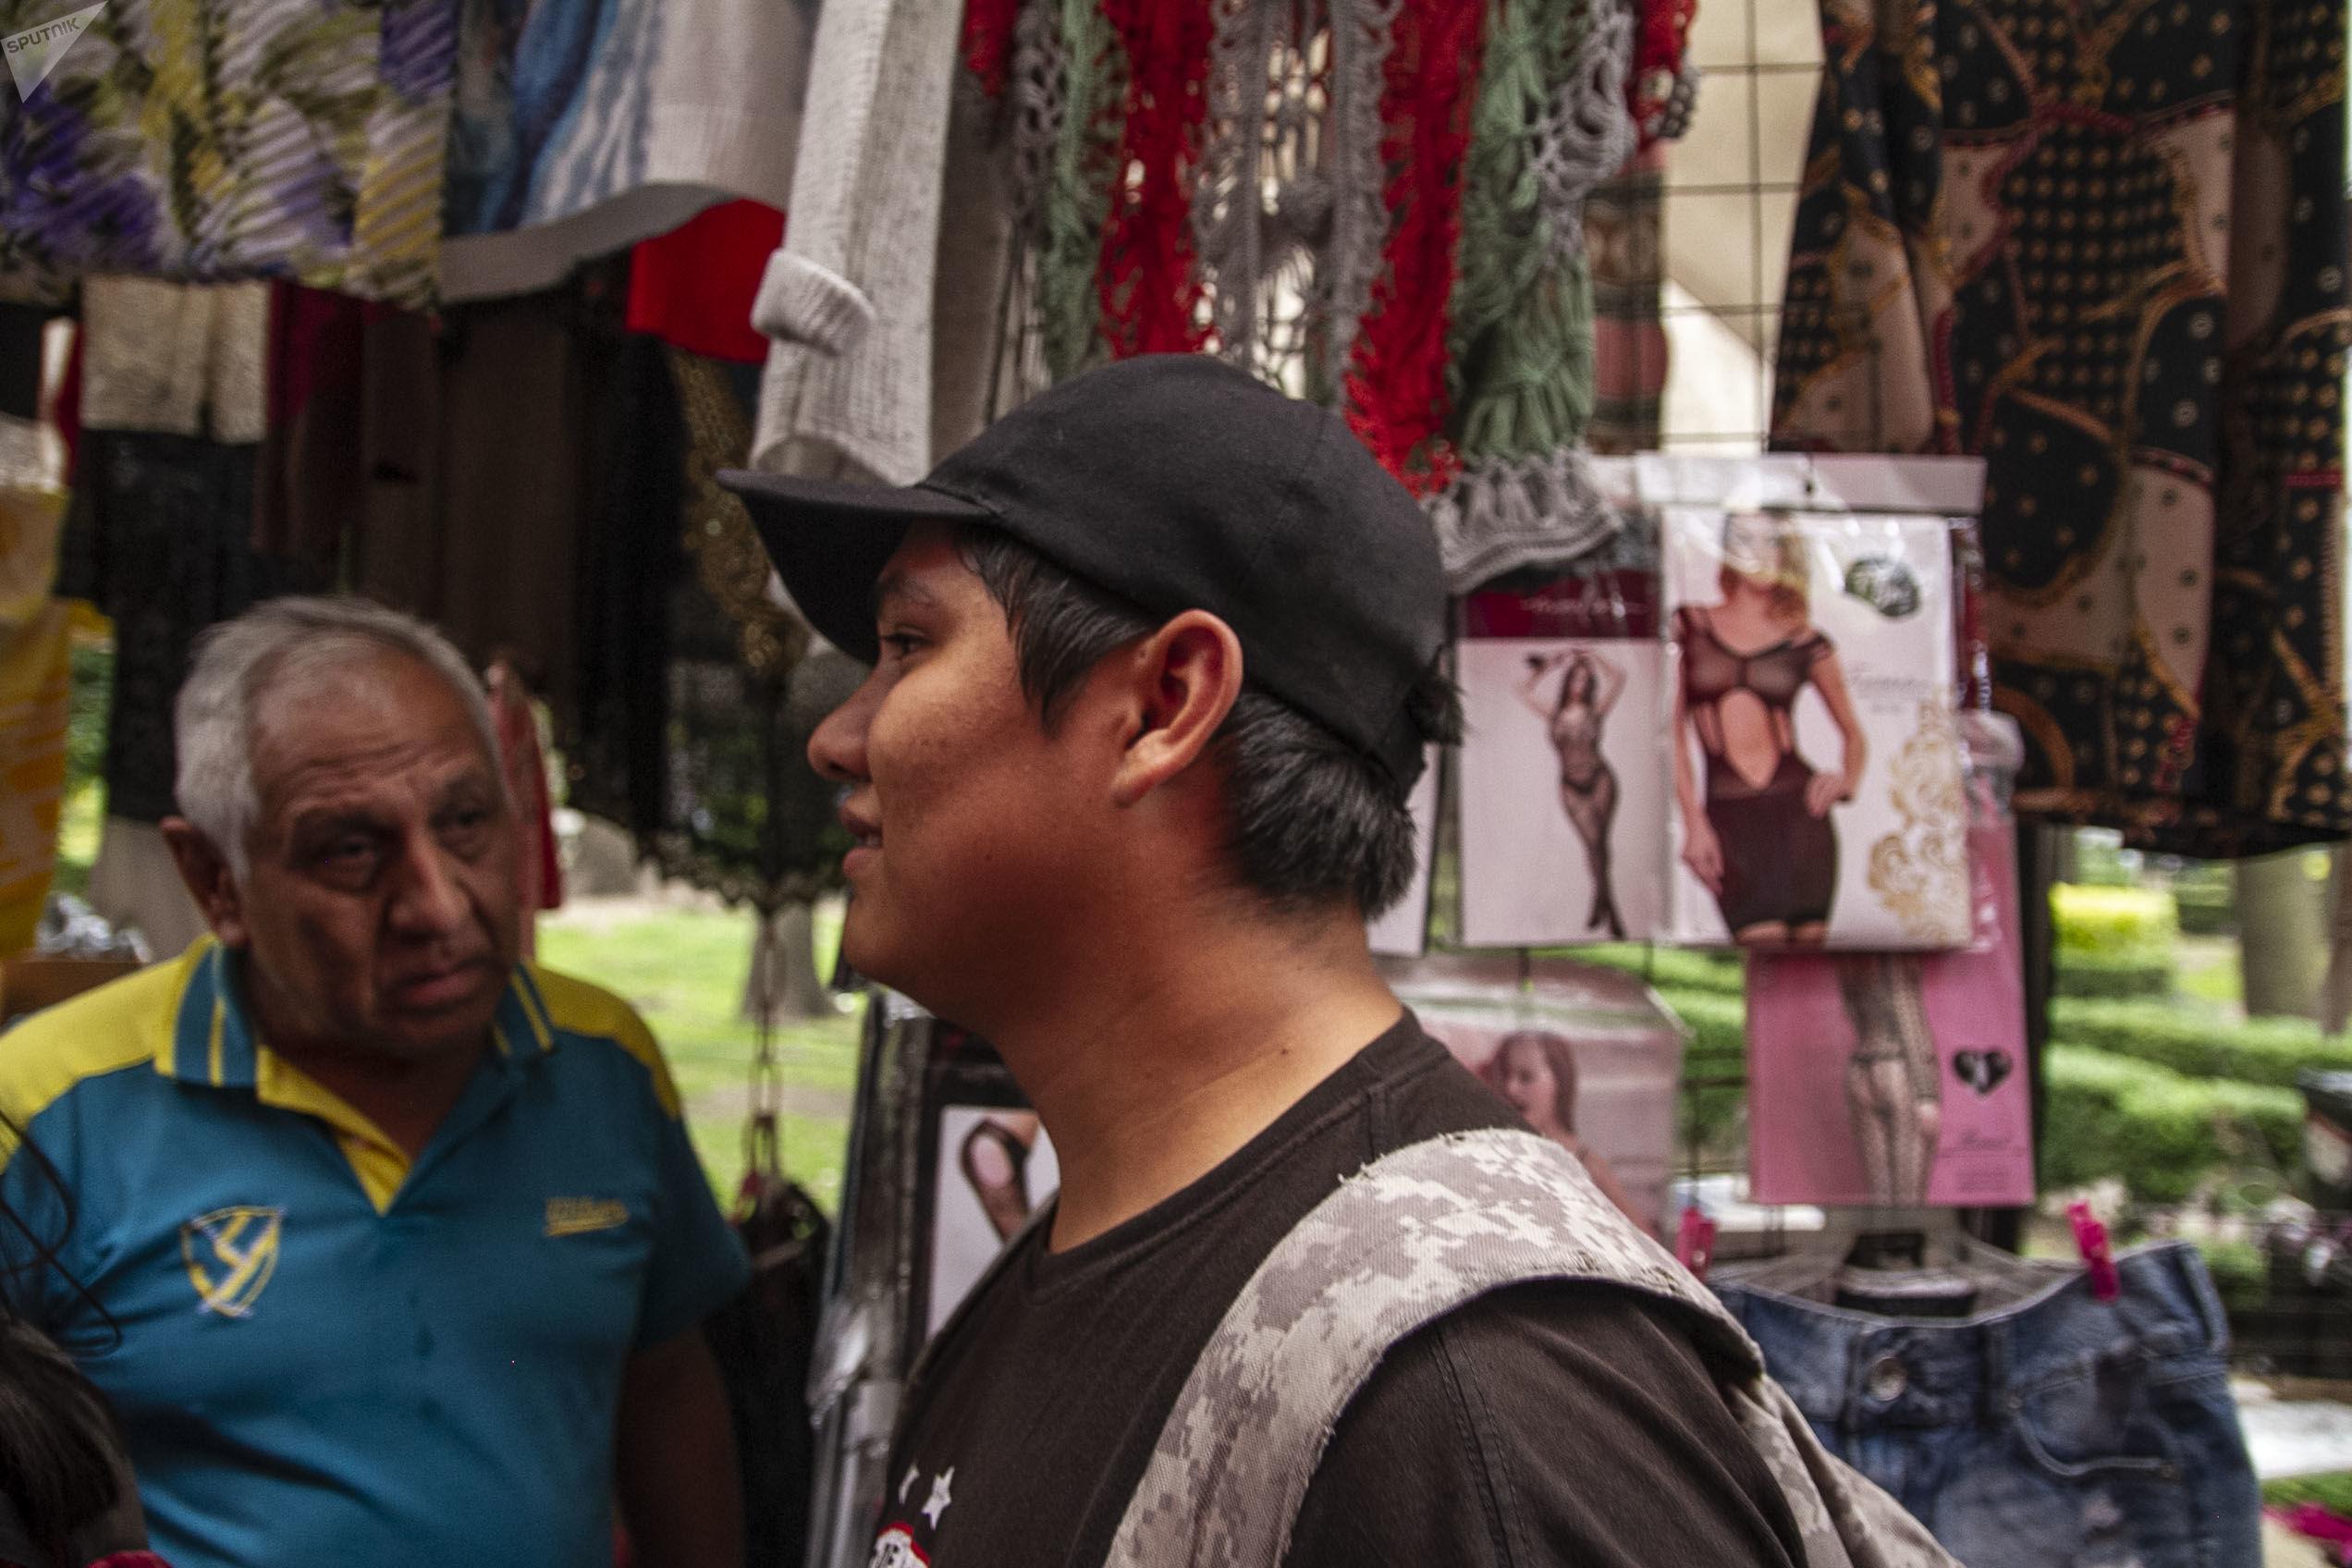 Ciudad de México: Mc Sicario, rapero mexicano durante sus horas de trabajo